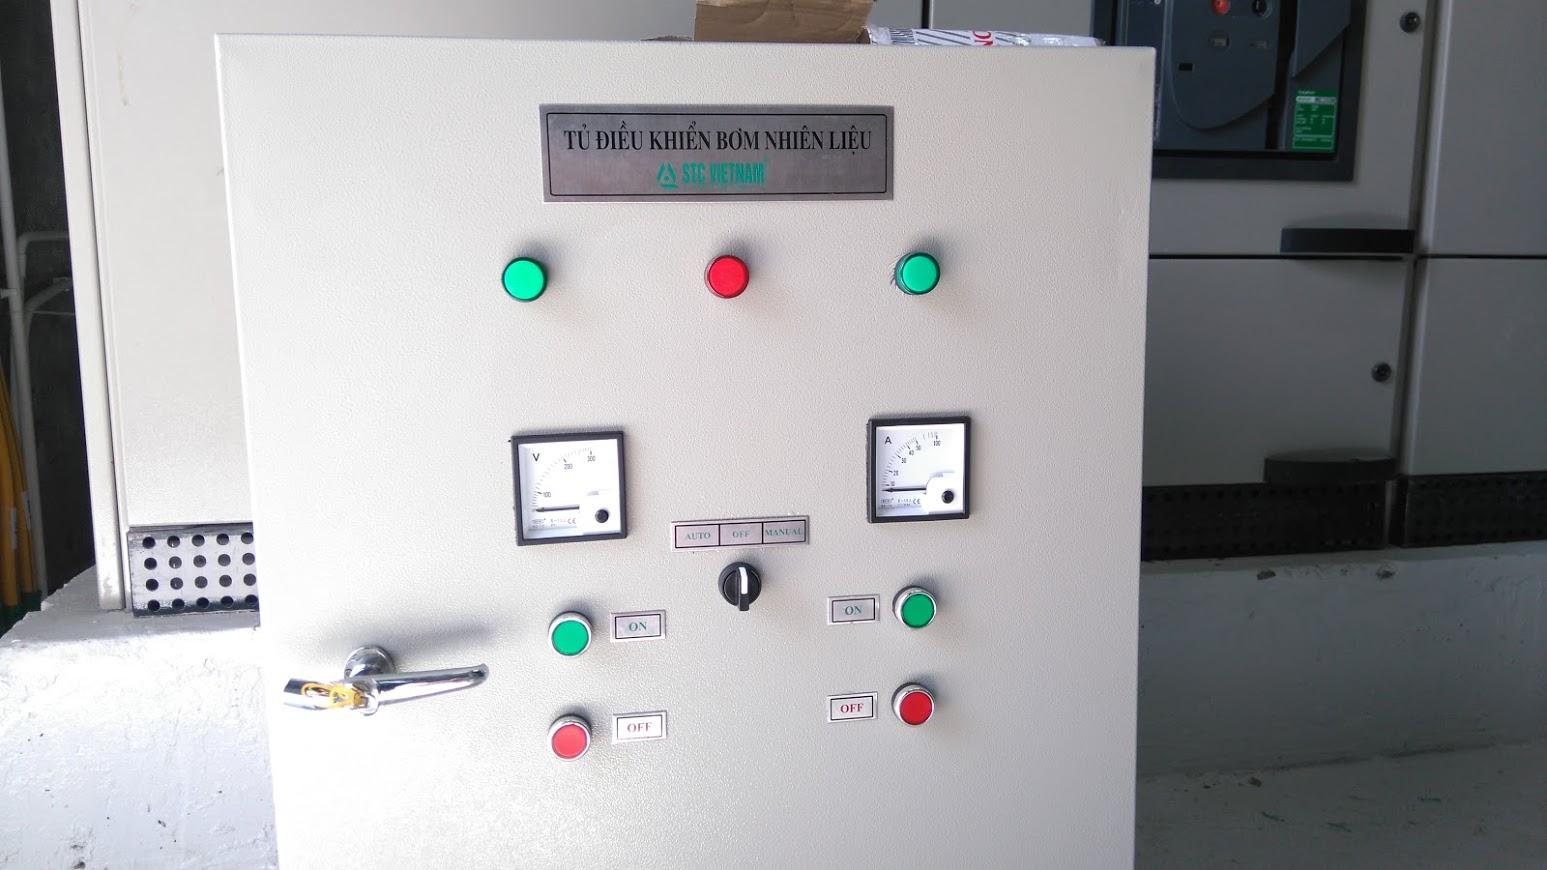 Tủ điều khiển bơm dầu cơ ( 02 bồn)